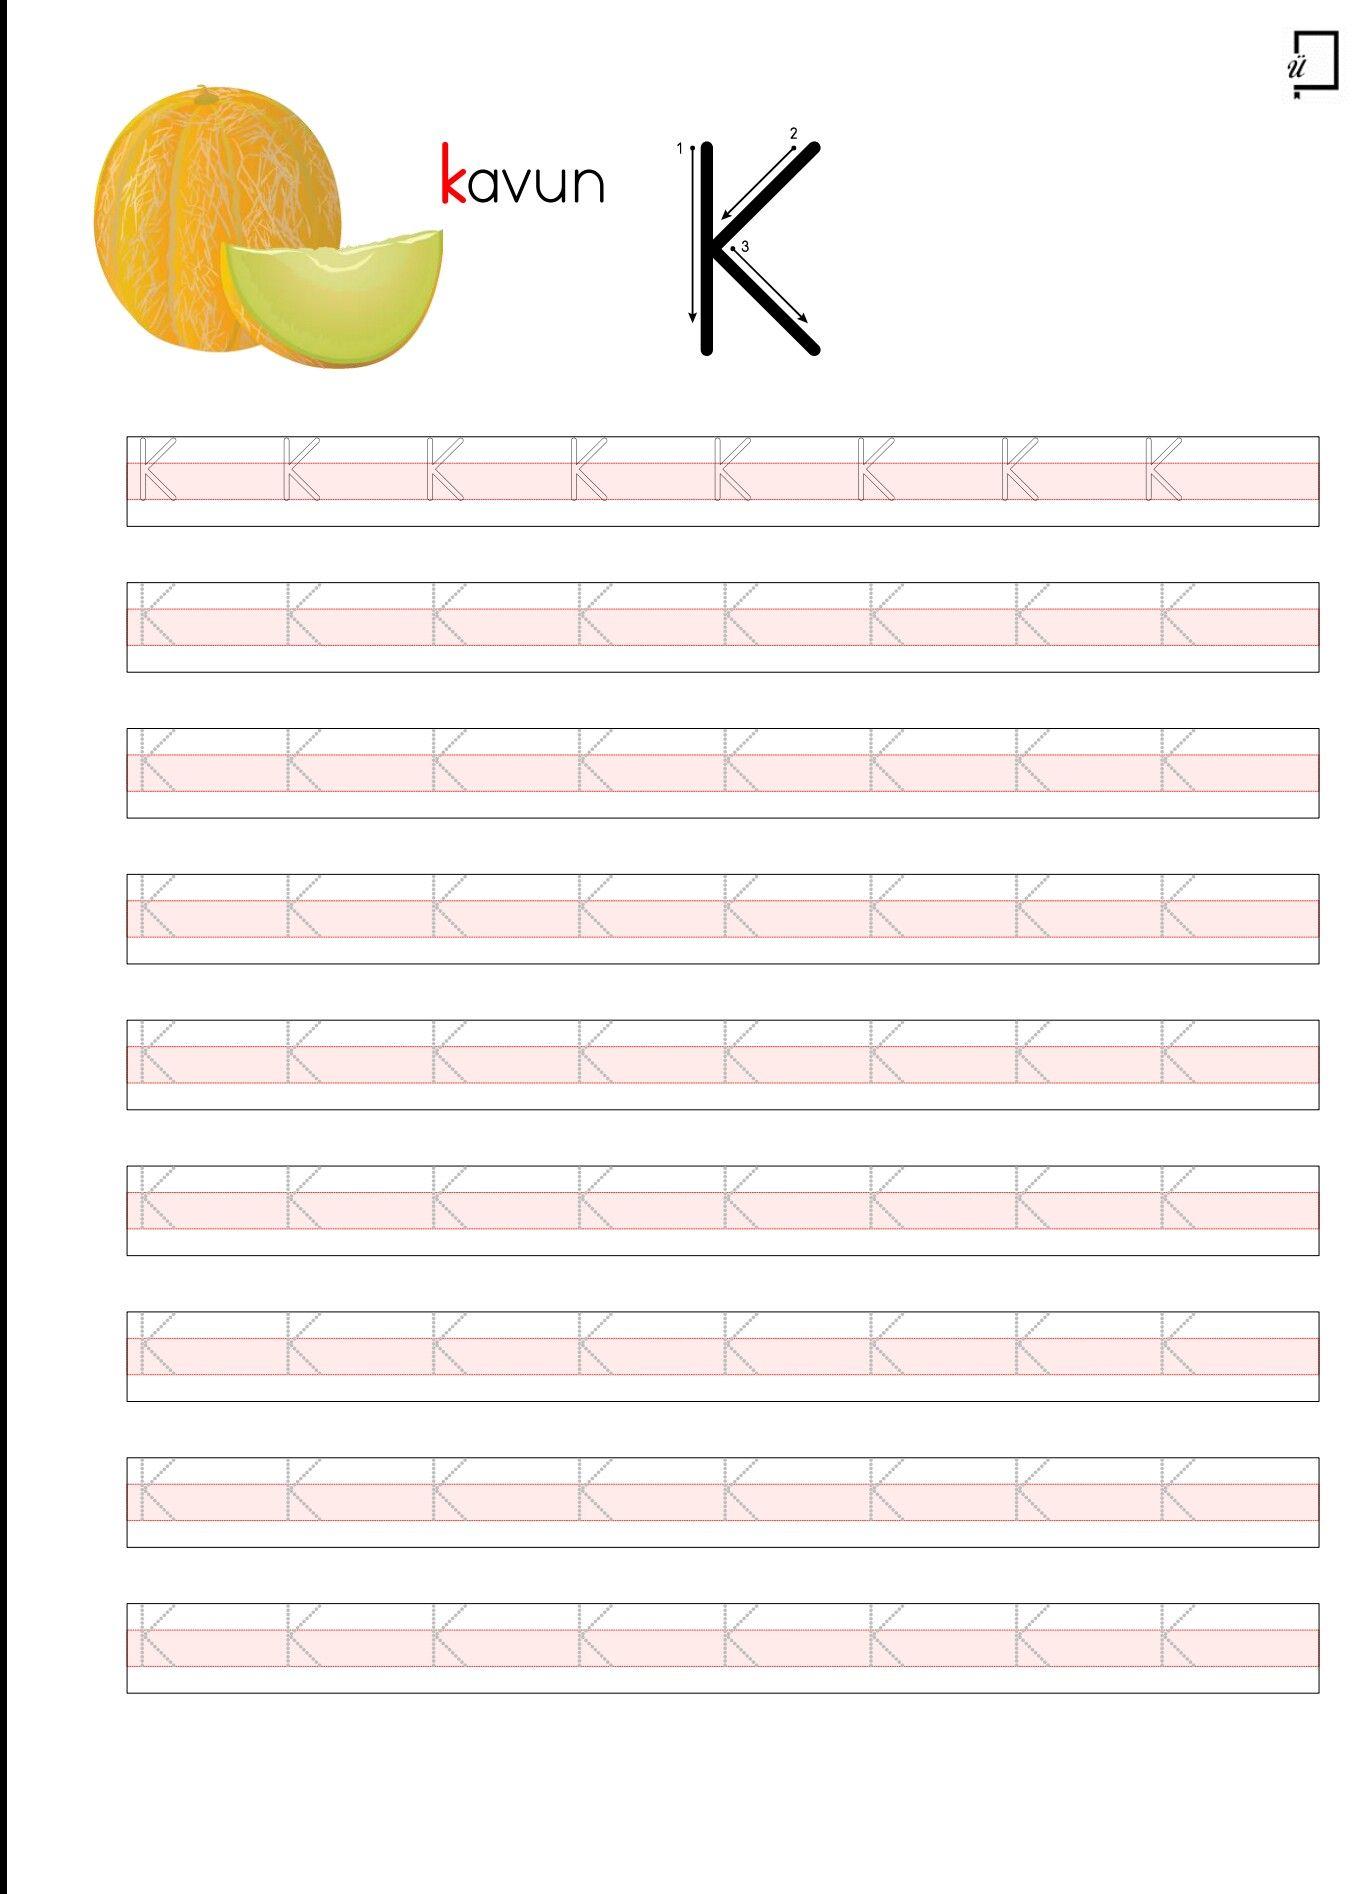 Duz Yazi Buyuk K Harfi Yazilis Yonu Alfabe Calisma Sayfalari Harfleri Ogreniyorum 3 Sinif Matematik